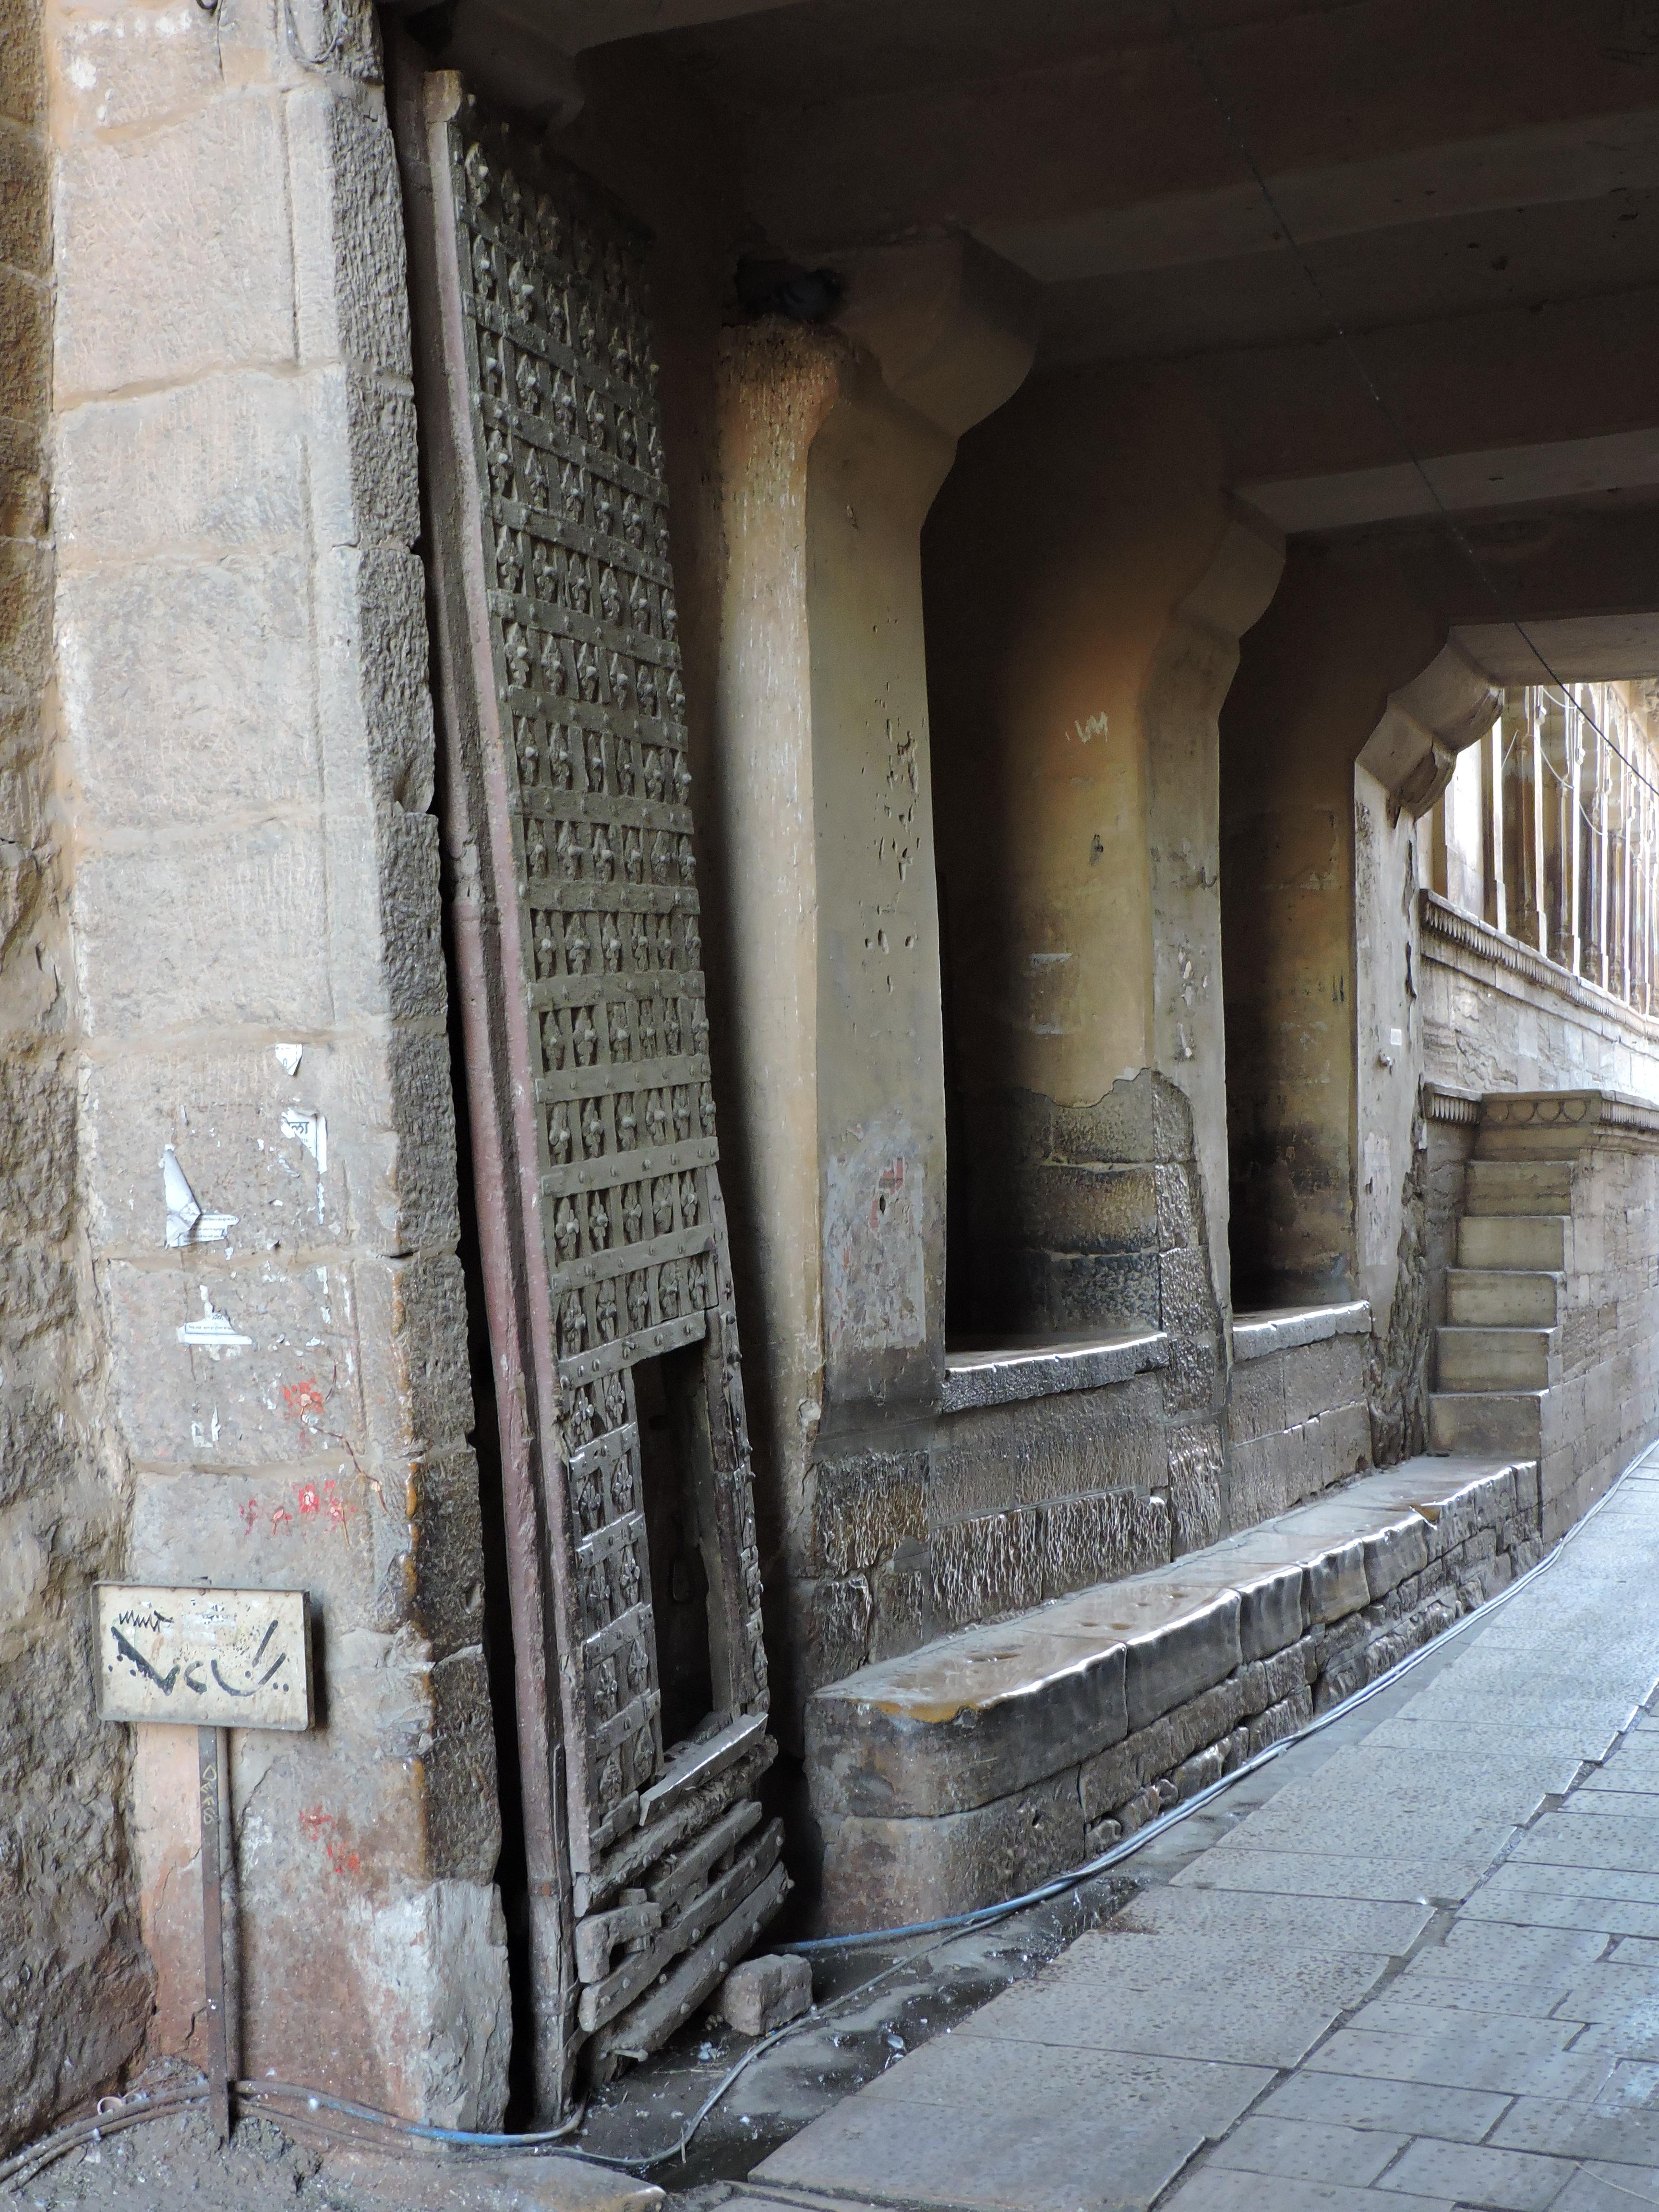 Fil ouvert-  Dates sur façades. Année 1602 par Fanch 56, dépassée par 1399 - 1400 de Jocelyn - Page 4 690436LINDEJocelyn022017288